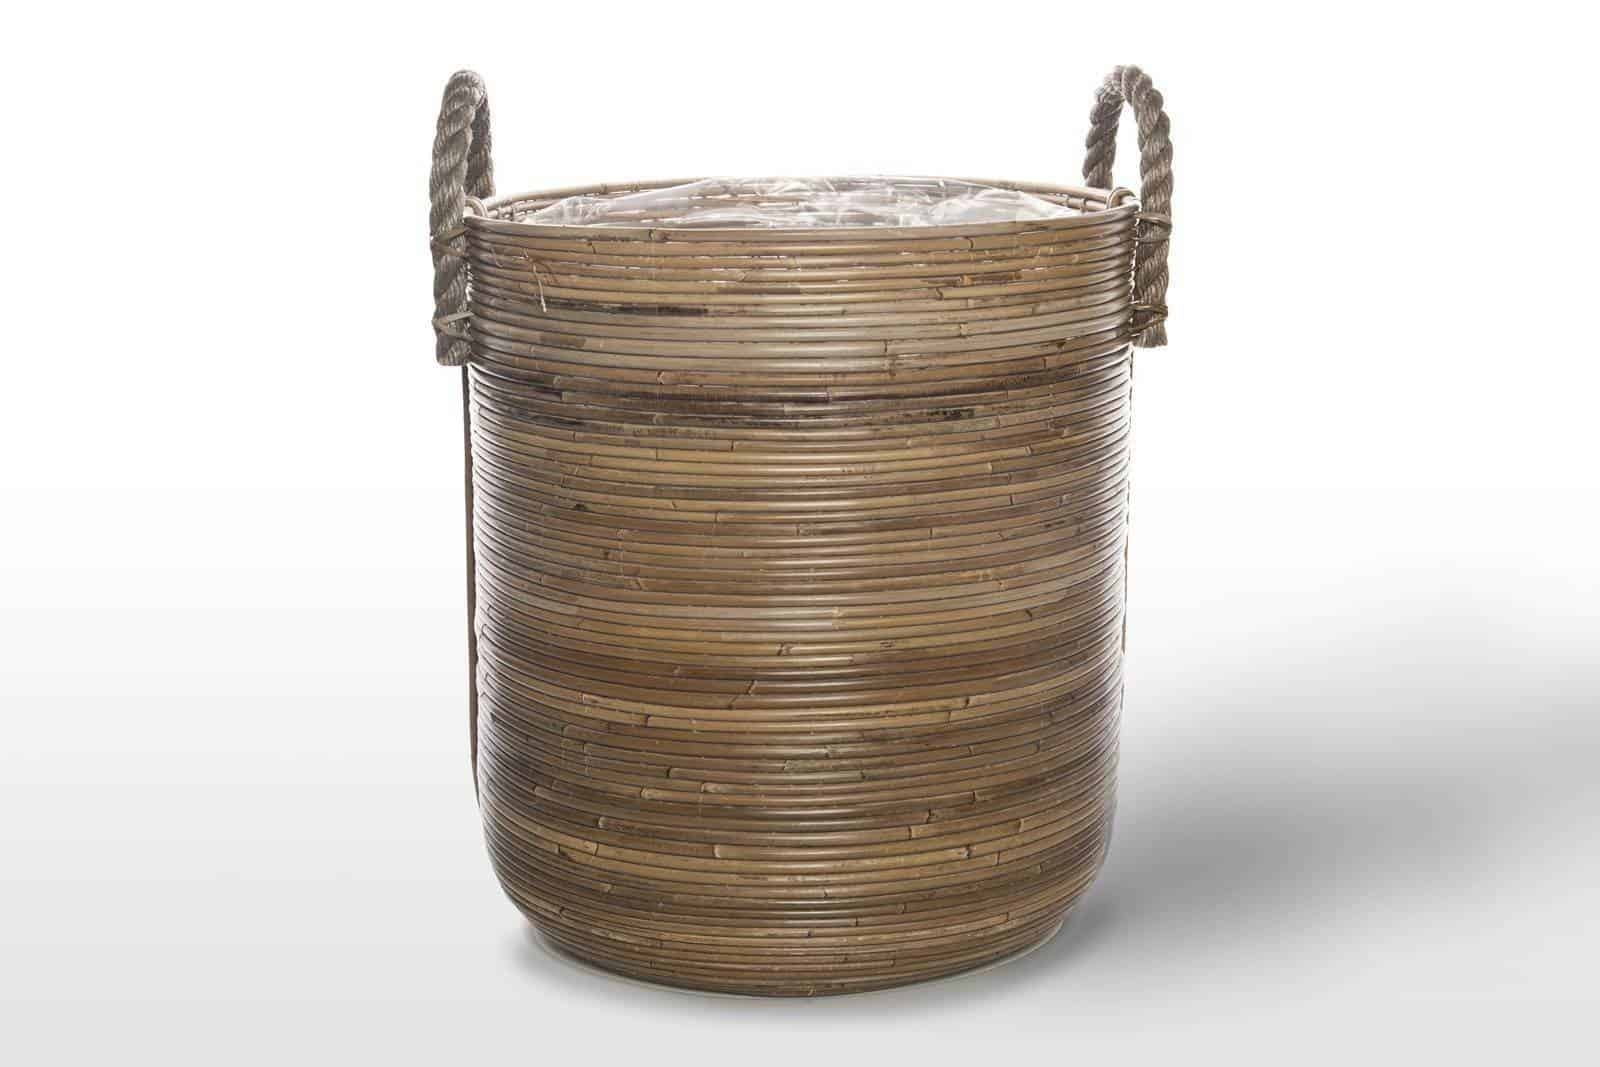 Kosz rattanowy AMIENS ⌀45cm x wys. 50cm grey